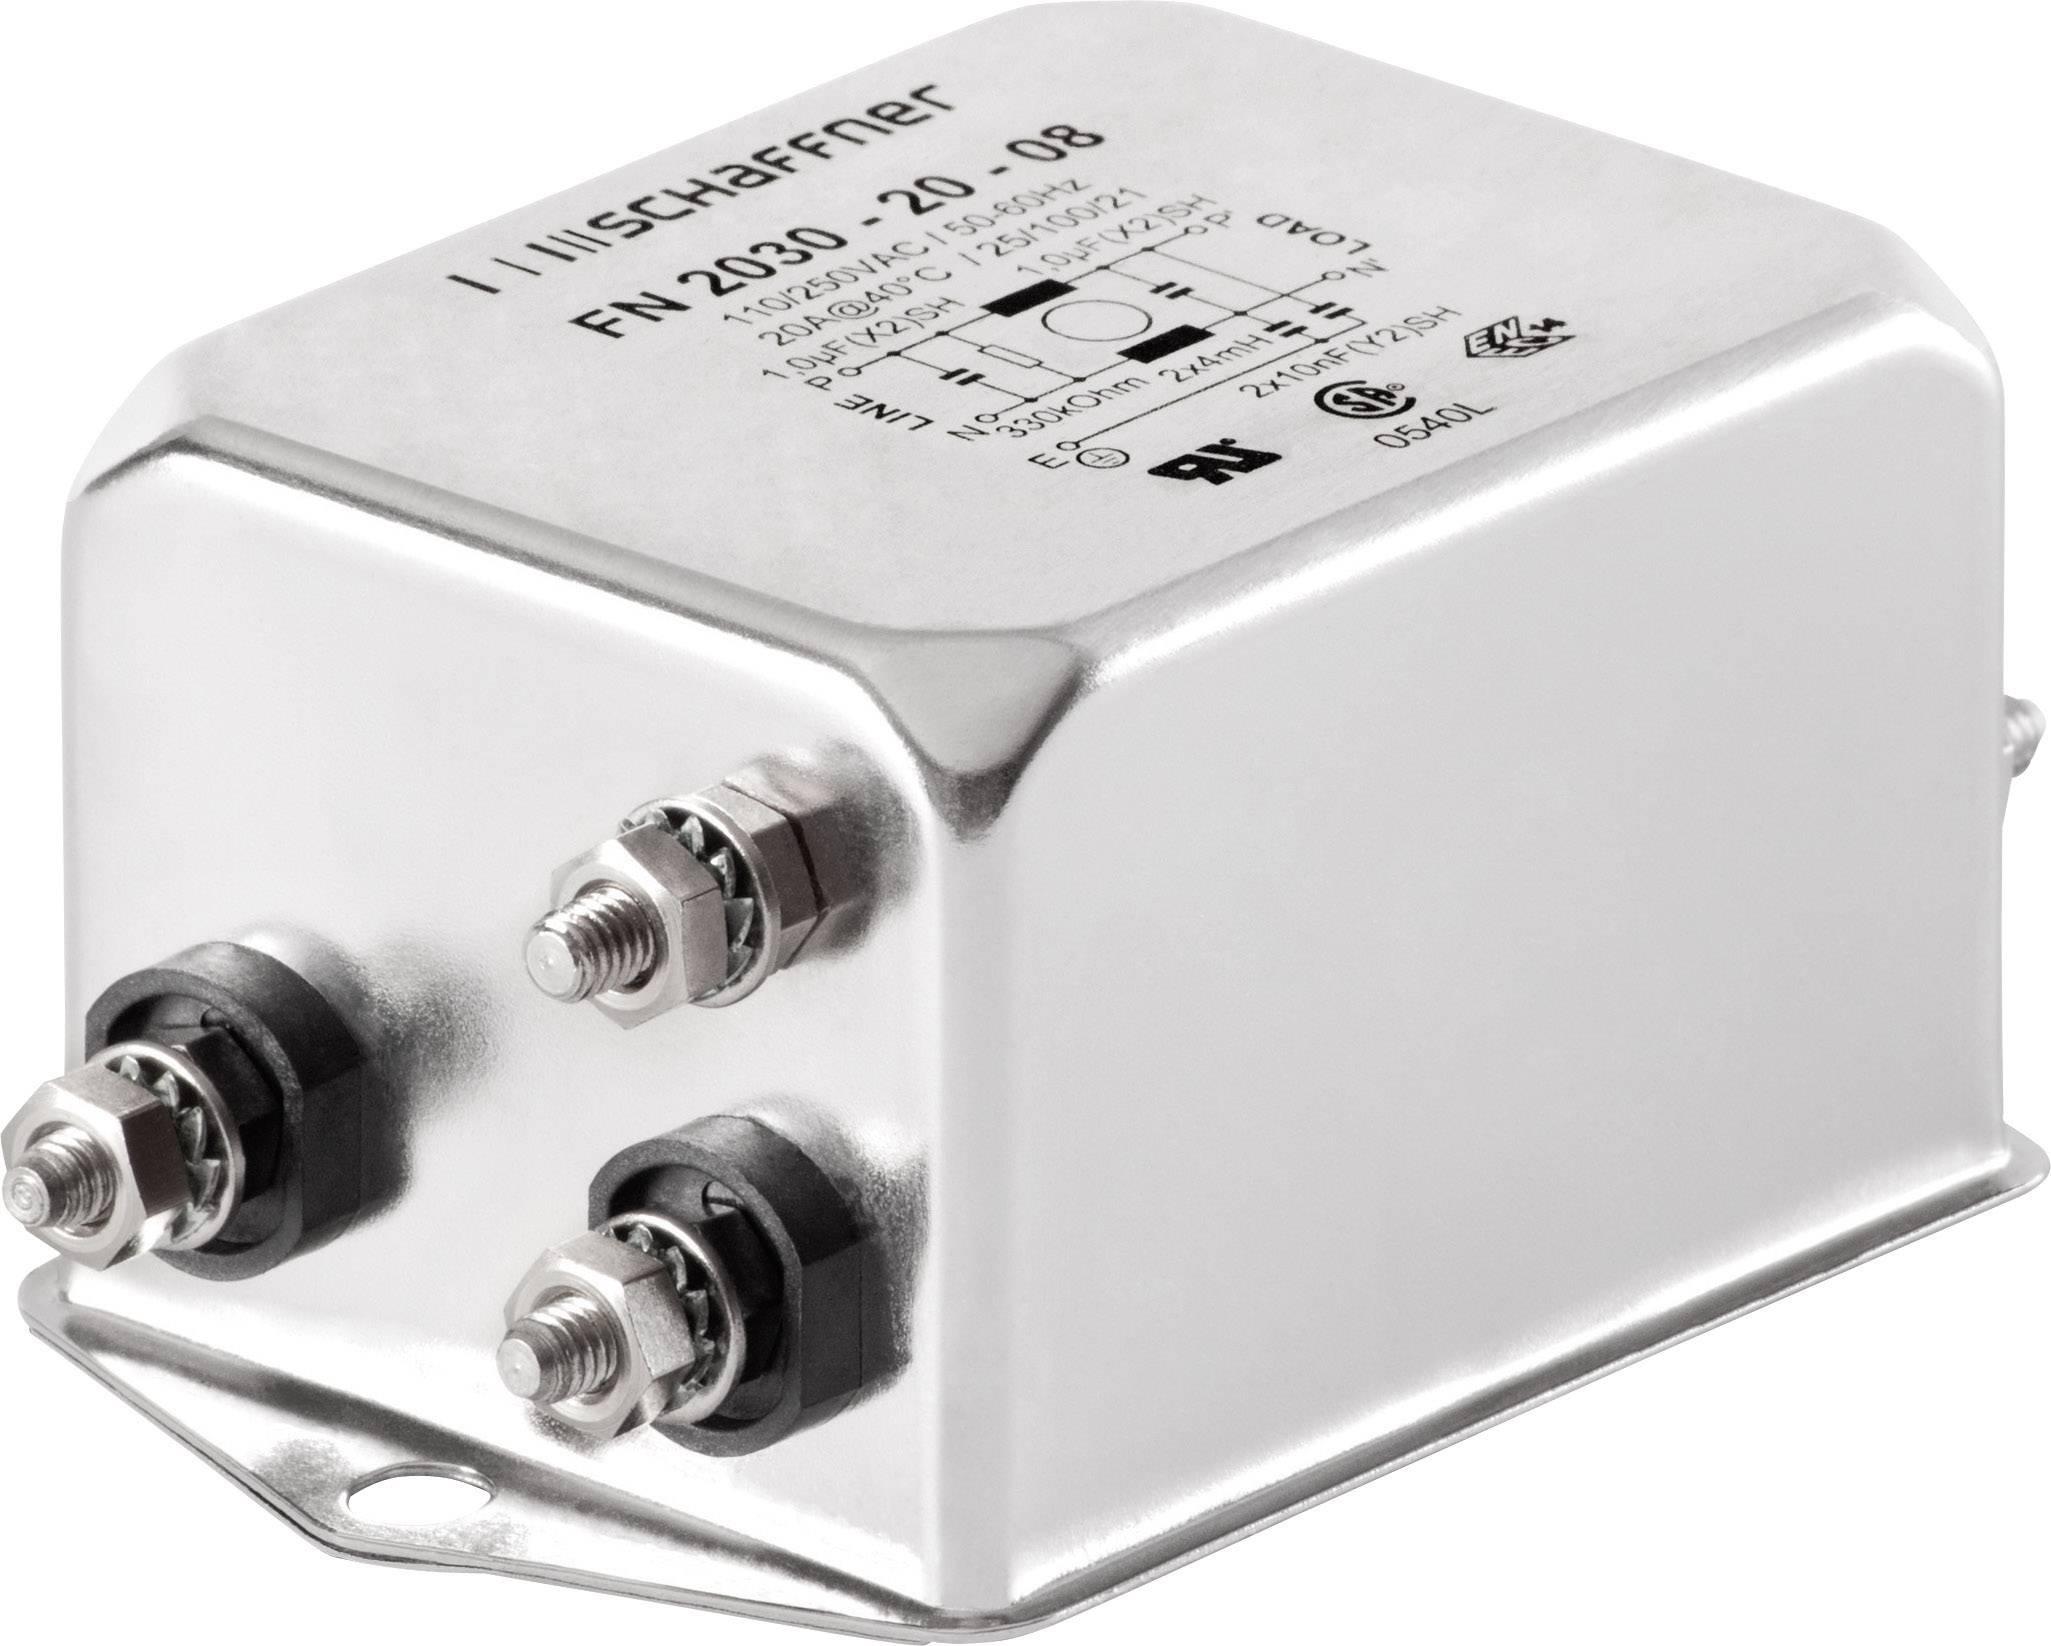 Odrušovací filter Schaffner FN2030-1-06 FN2030-1-06, 250 V/AC, 1 A, 20 mH, (d x š x v) 64 x 35 x 24.3 mm, 1 ks